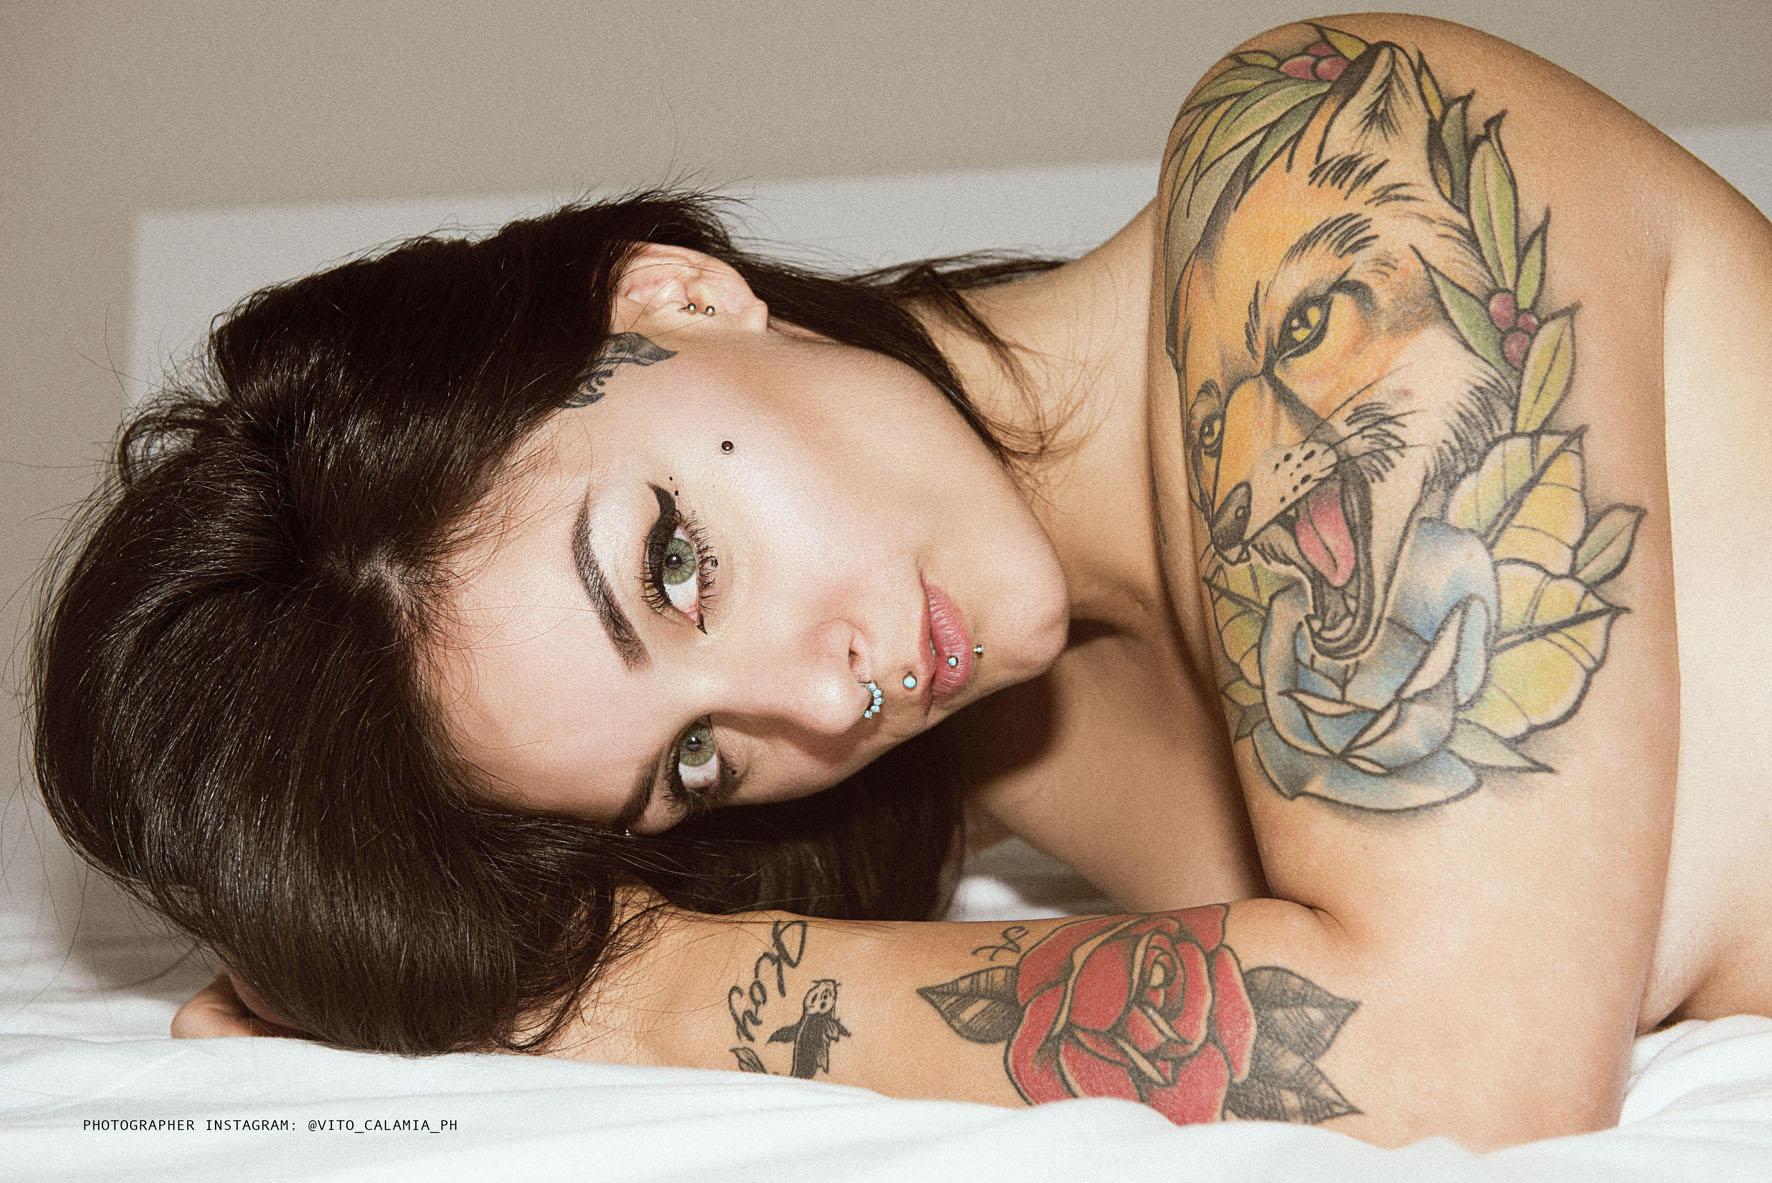 Tatuaggi: il corpo come una tela